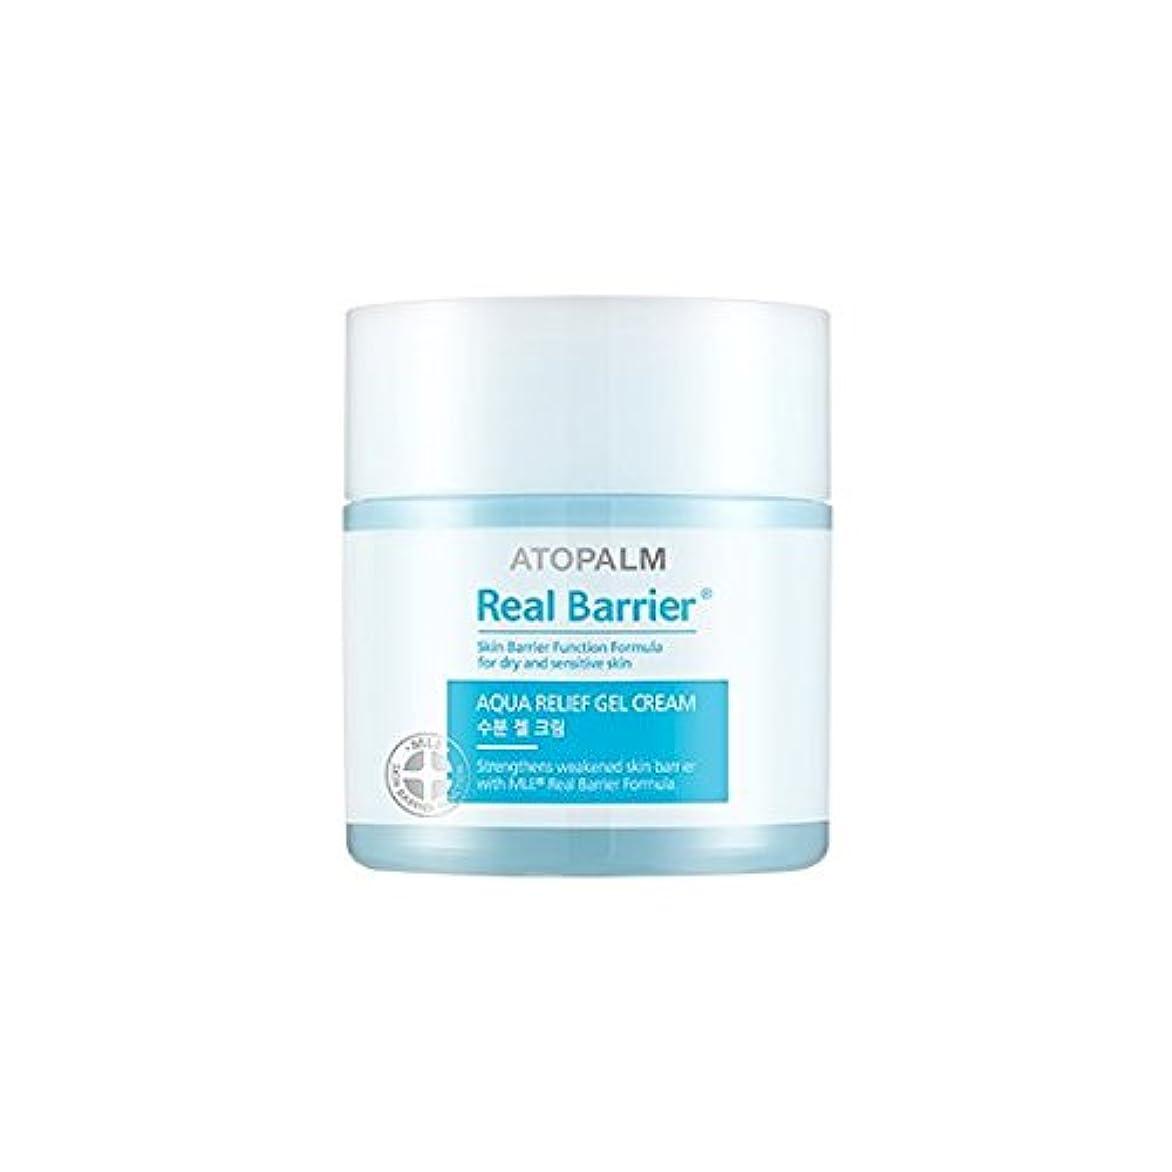 熱望する真鍮けん引ATOPALM Real Barrier Aqua Relief Gel Cream 50ml/アトパーム リアル バリア アクア リリーフ ジェル クリーム 50ml [並行輸入品]